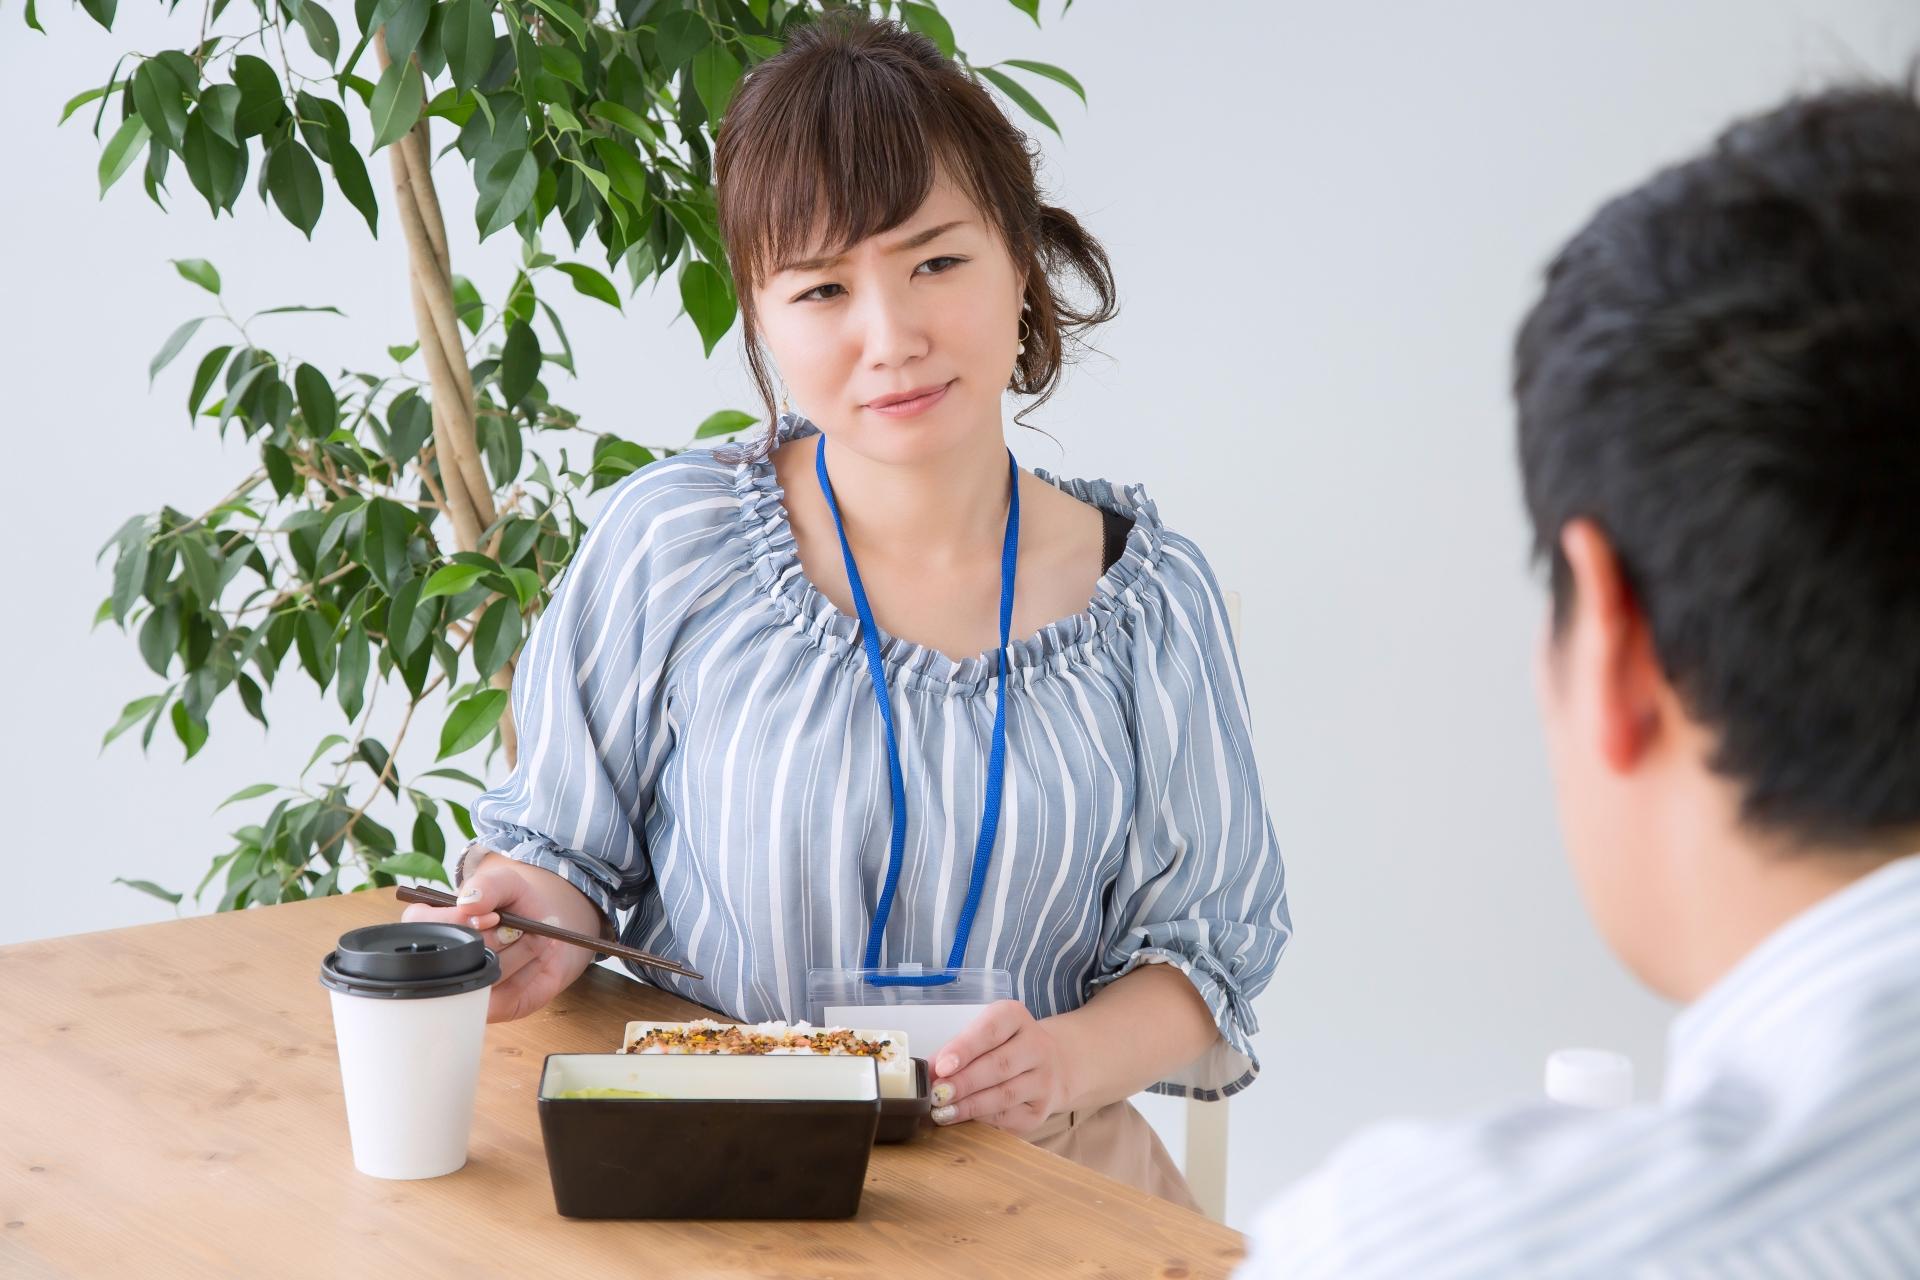 男性が職場で好意を持っている女性にとる態度について